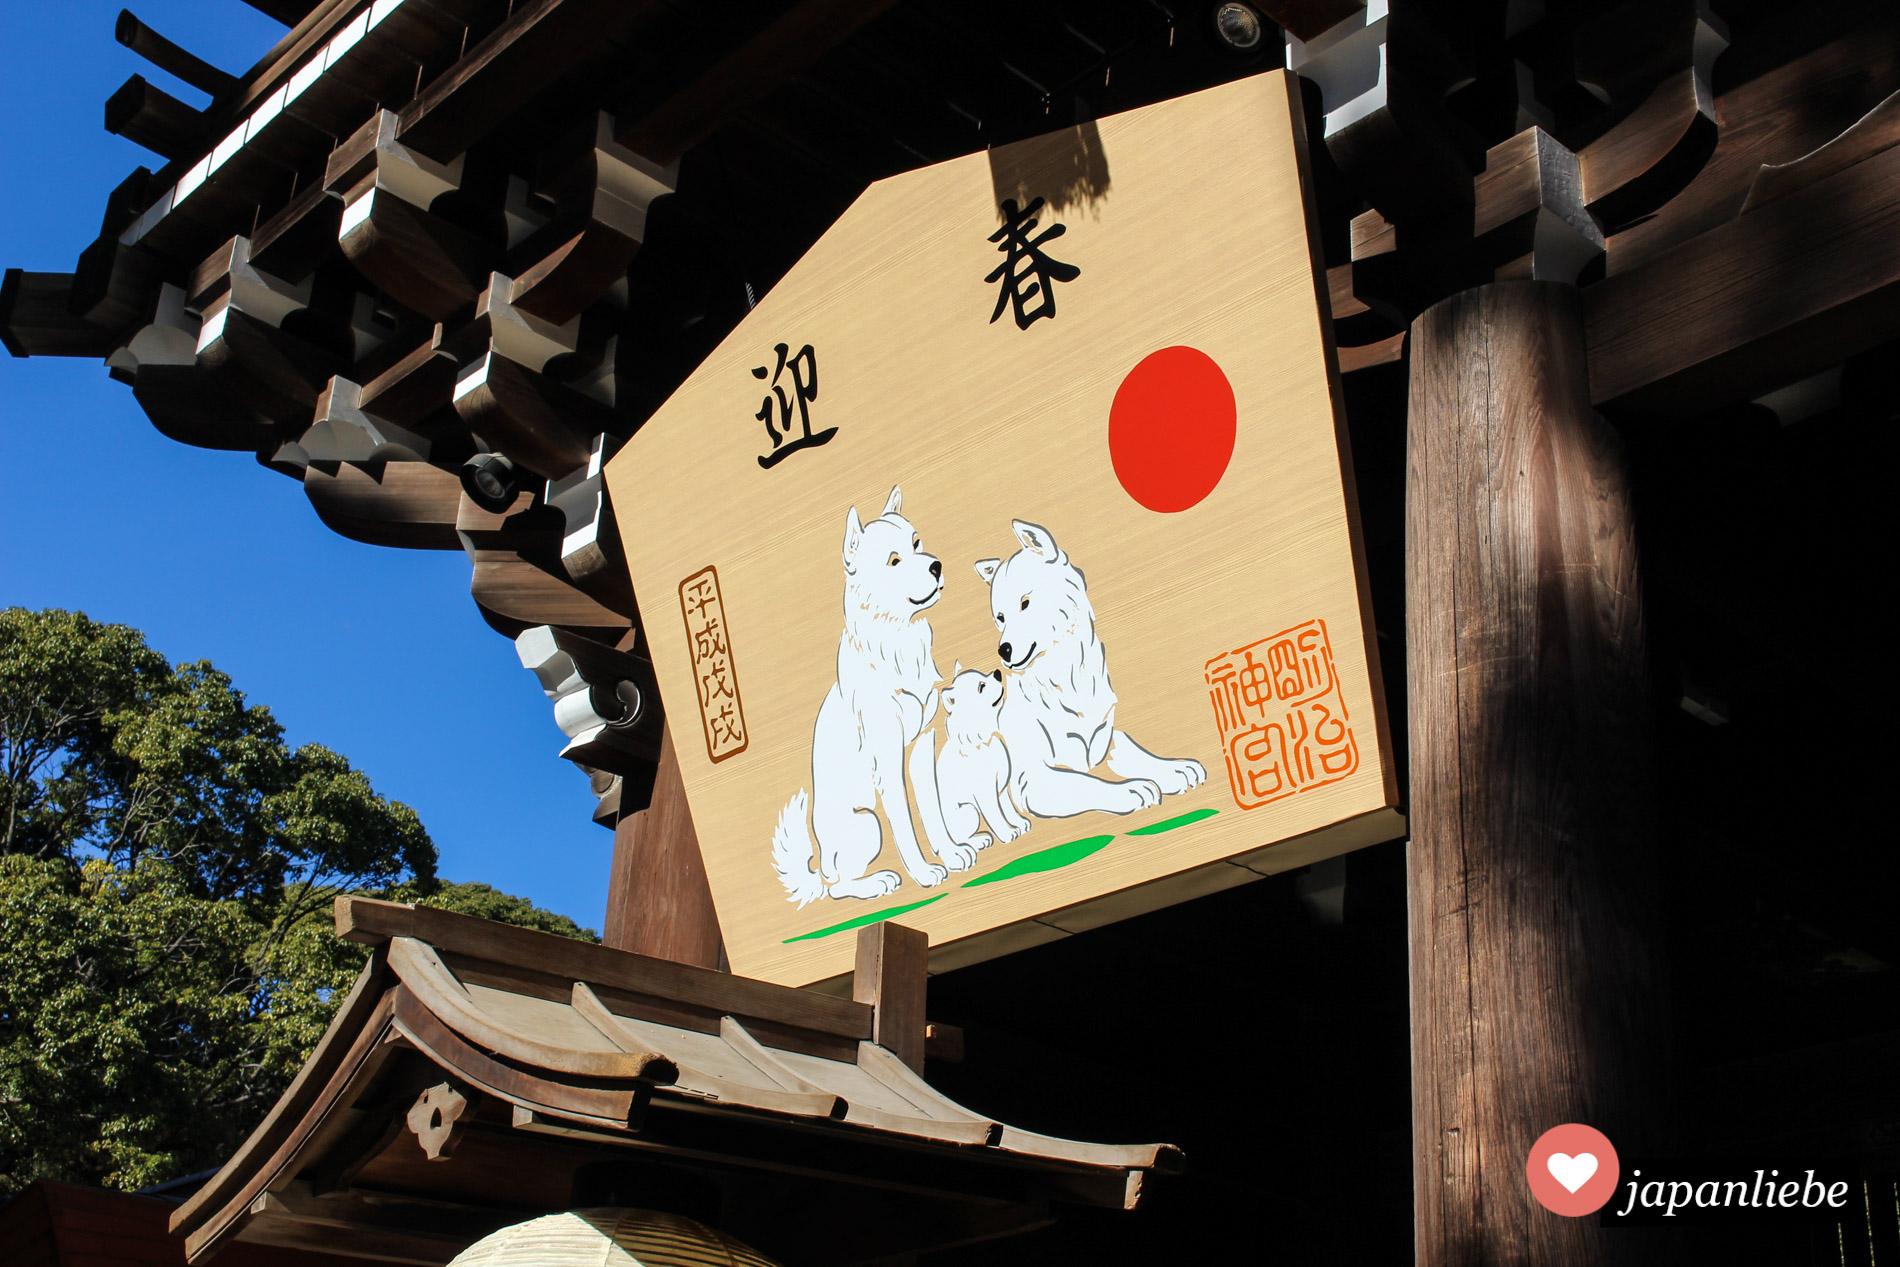 Eine übergroße ema-Wunschtafel läutete Anfang 2018 am Meiji-Schrein in Tokio das Jahr des Hundes ein.